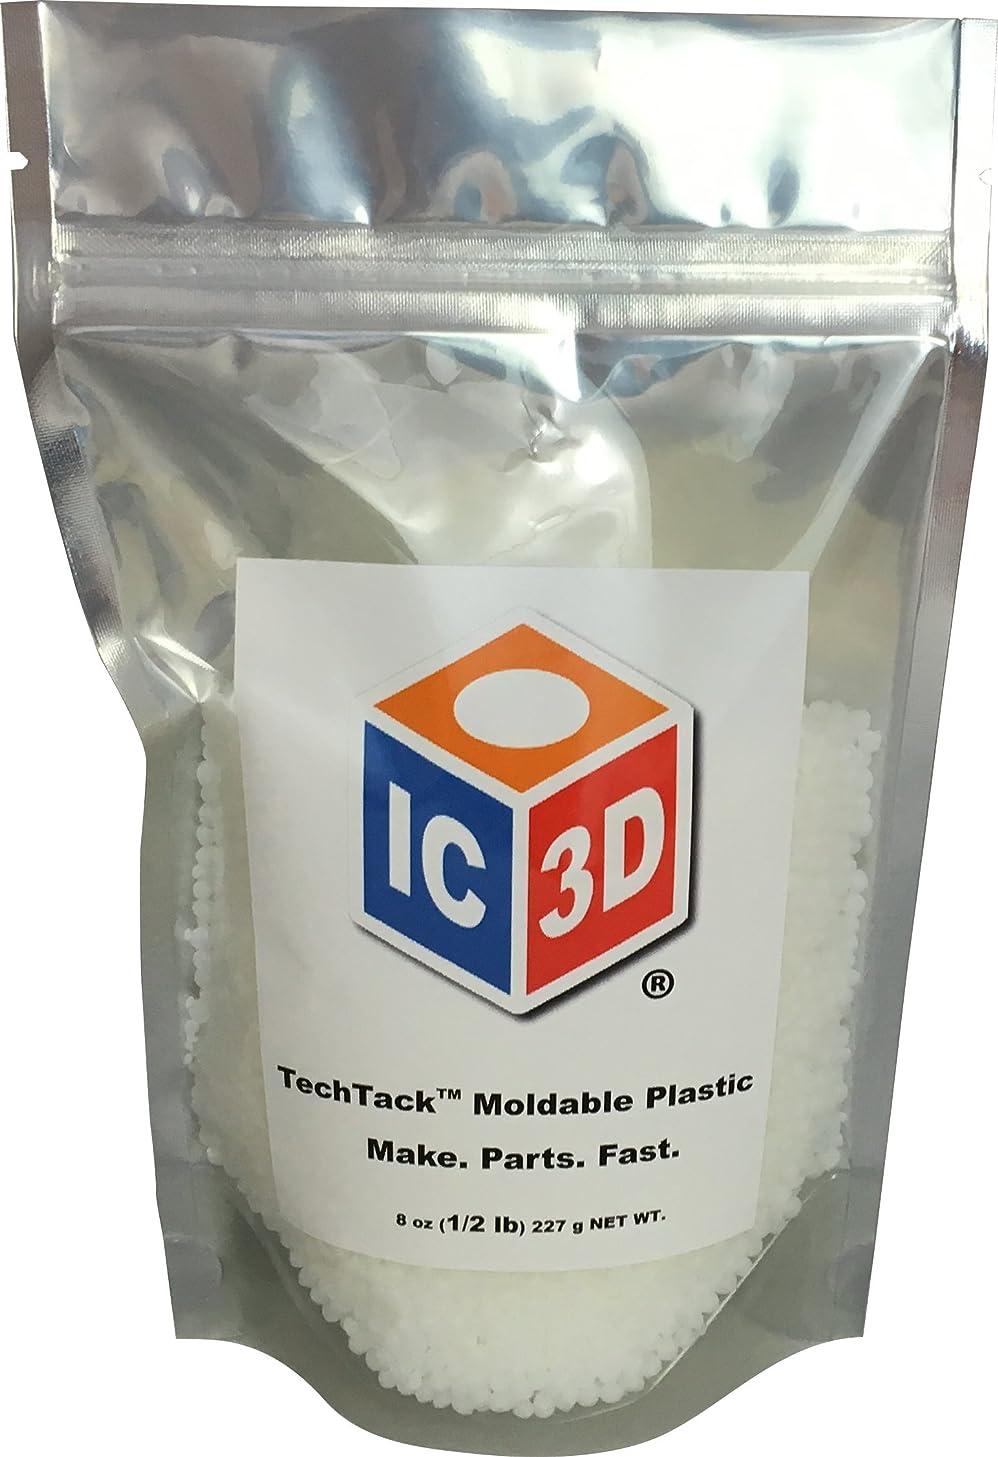 IC3D TechTack Moldable Plastic Pellets PCL - 8 Oz (0.5lb) Resealable Bag - Professional Grade Low Temp Melting Plastic